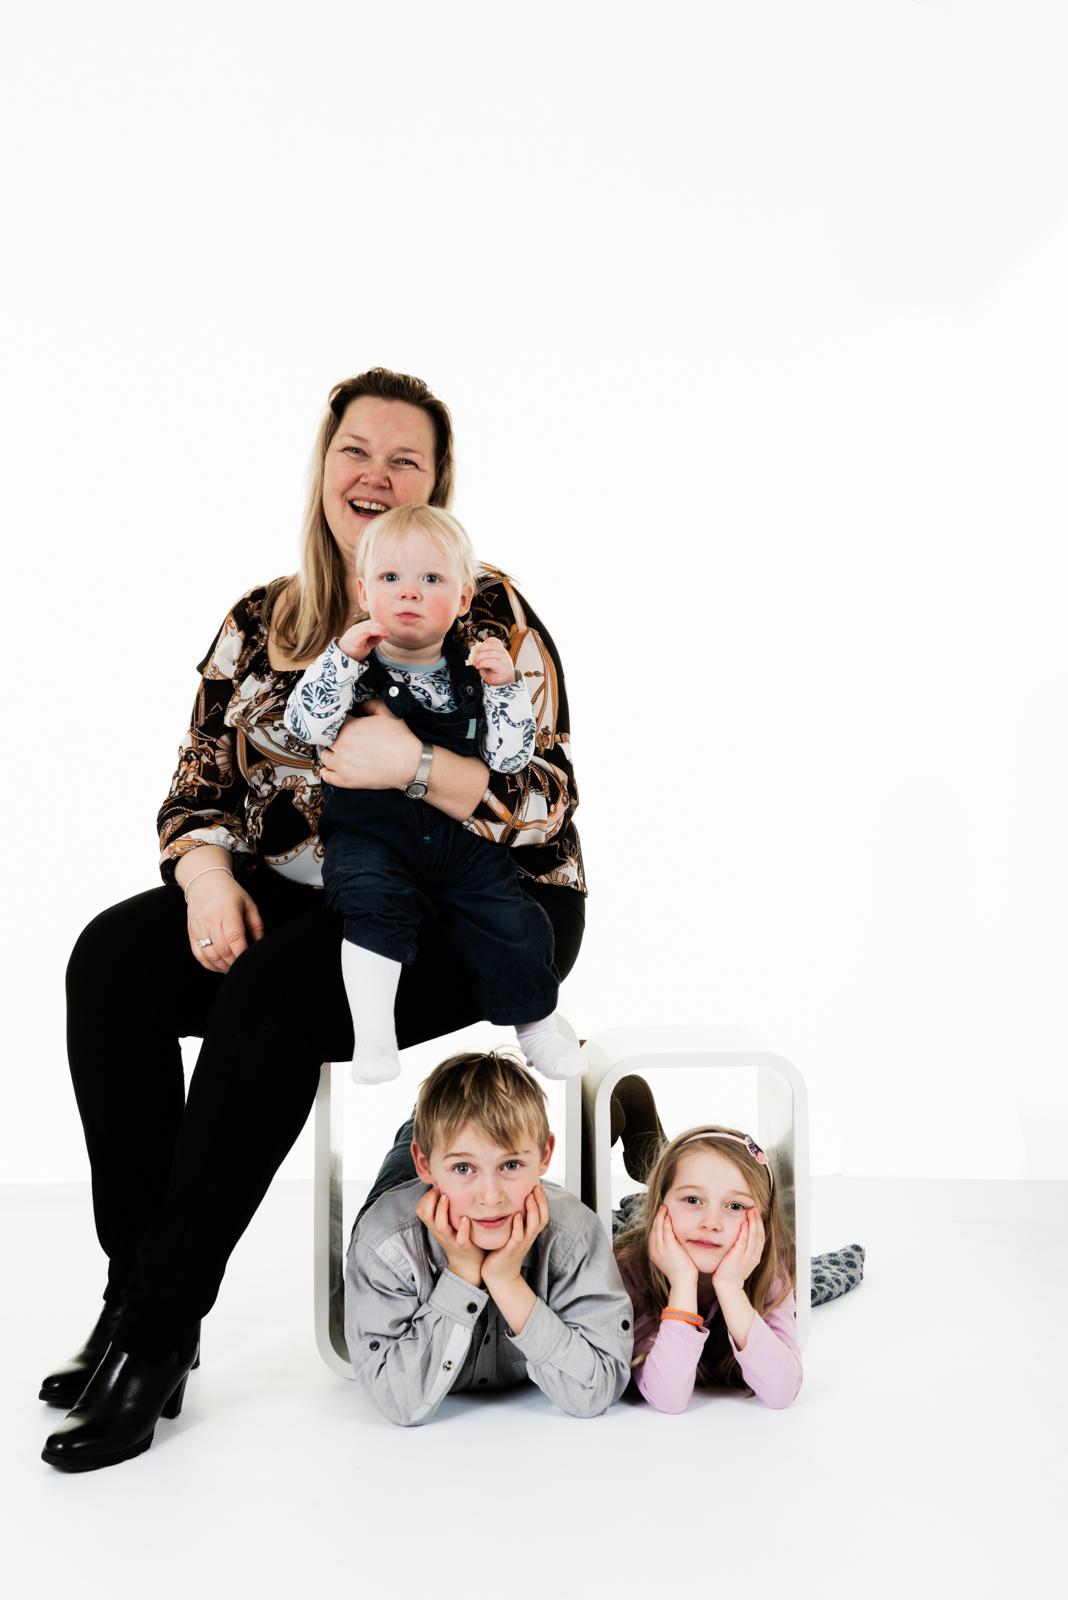 Gezin en familiefotograaf kinderen fotografie portretfotograaf zalmiy paeez fotografie noordholland haarlem heemstede fotograaf